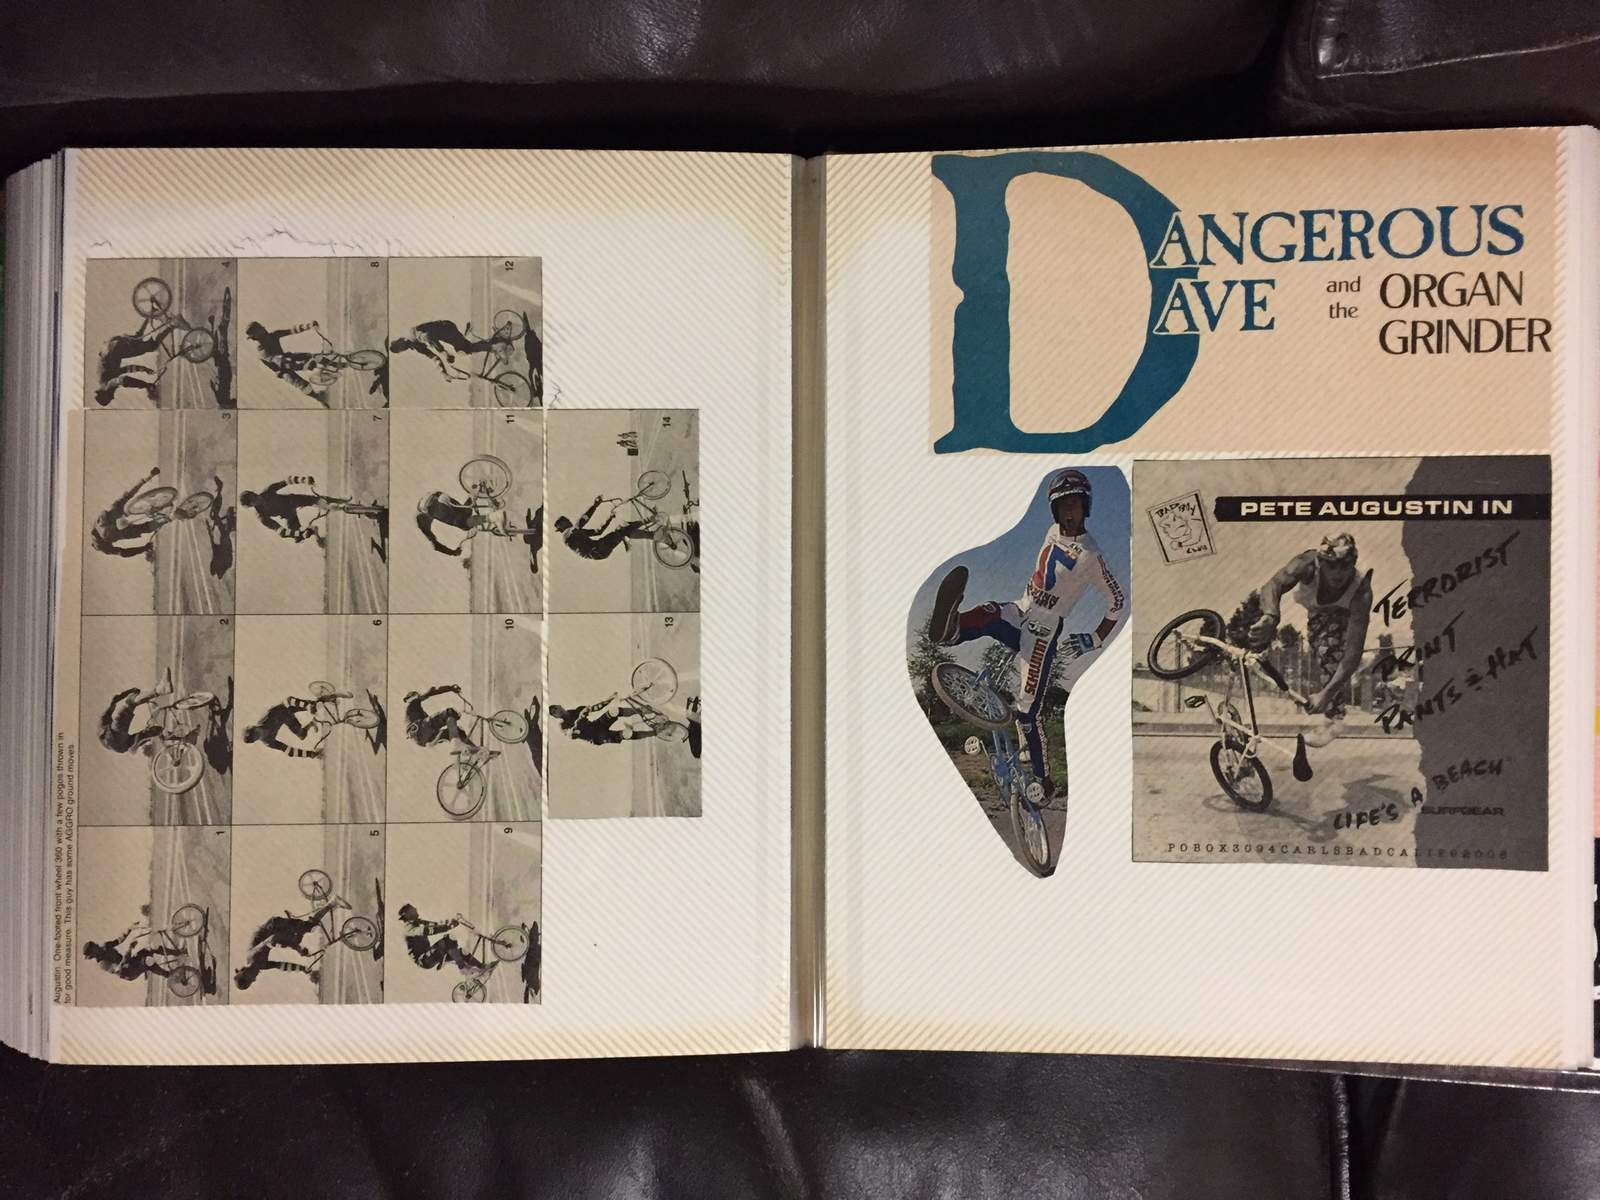 http://uploads.bmxmuseum.com/user-images/19713/26e029ba-c661-48bd-90db-5e2cd81974ca5bfcadecd7.jpeg